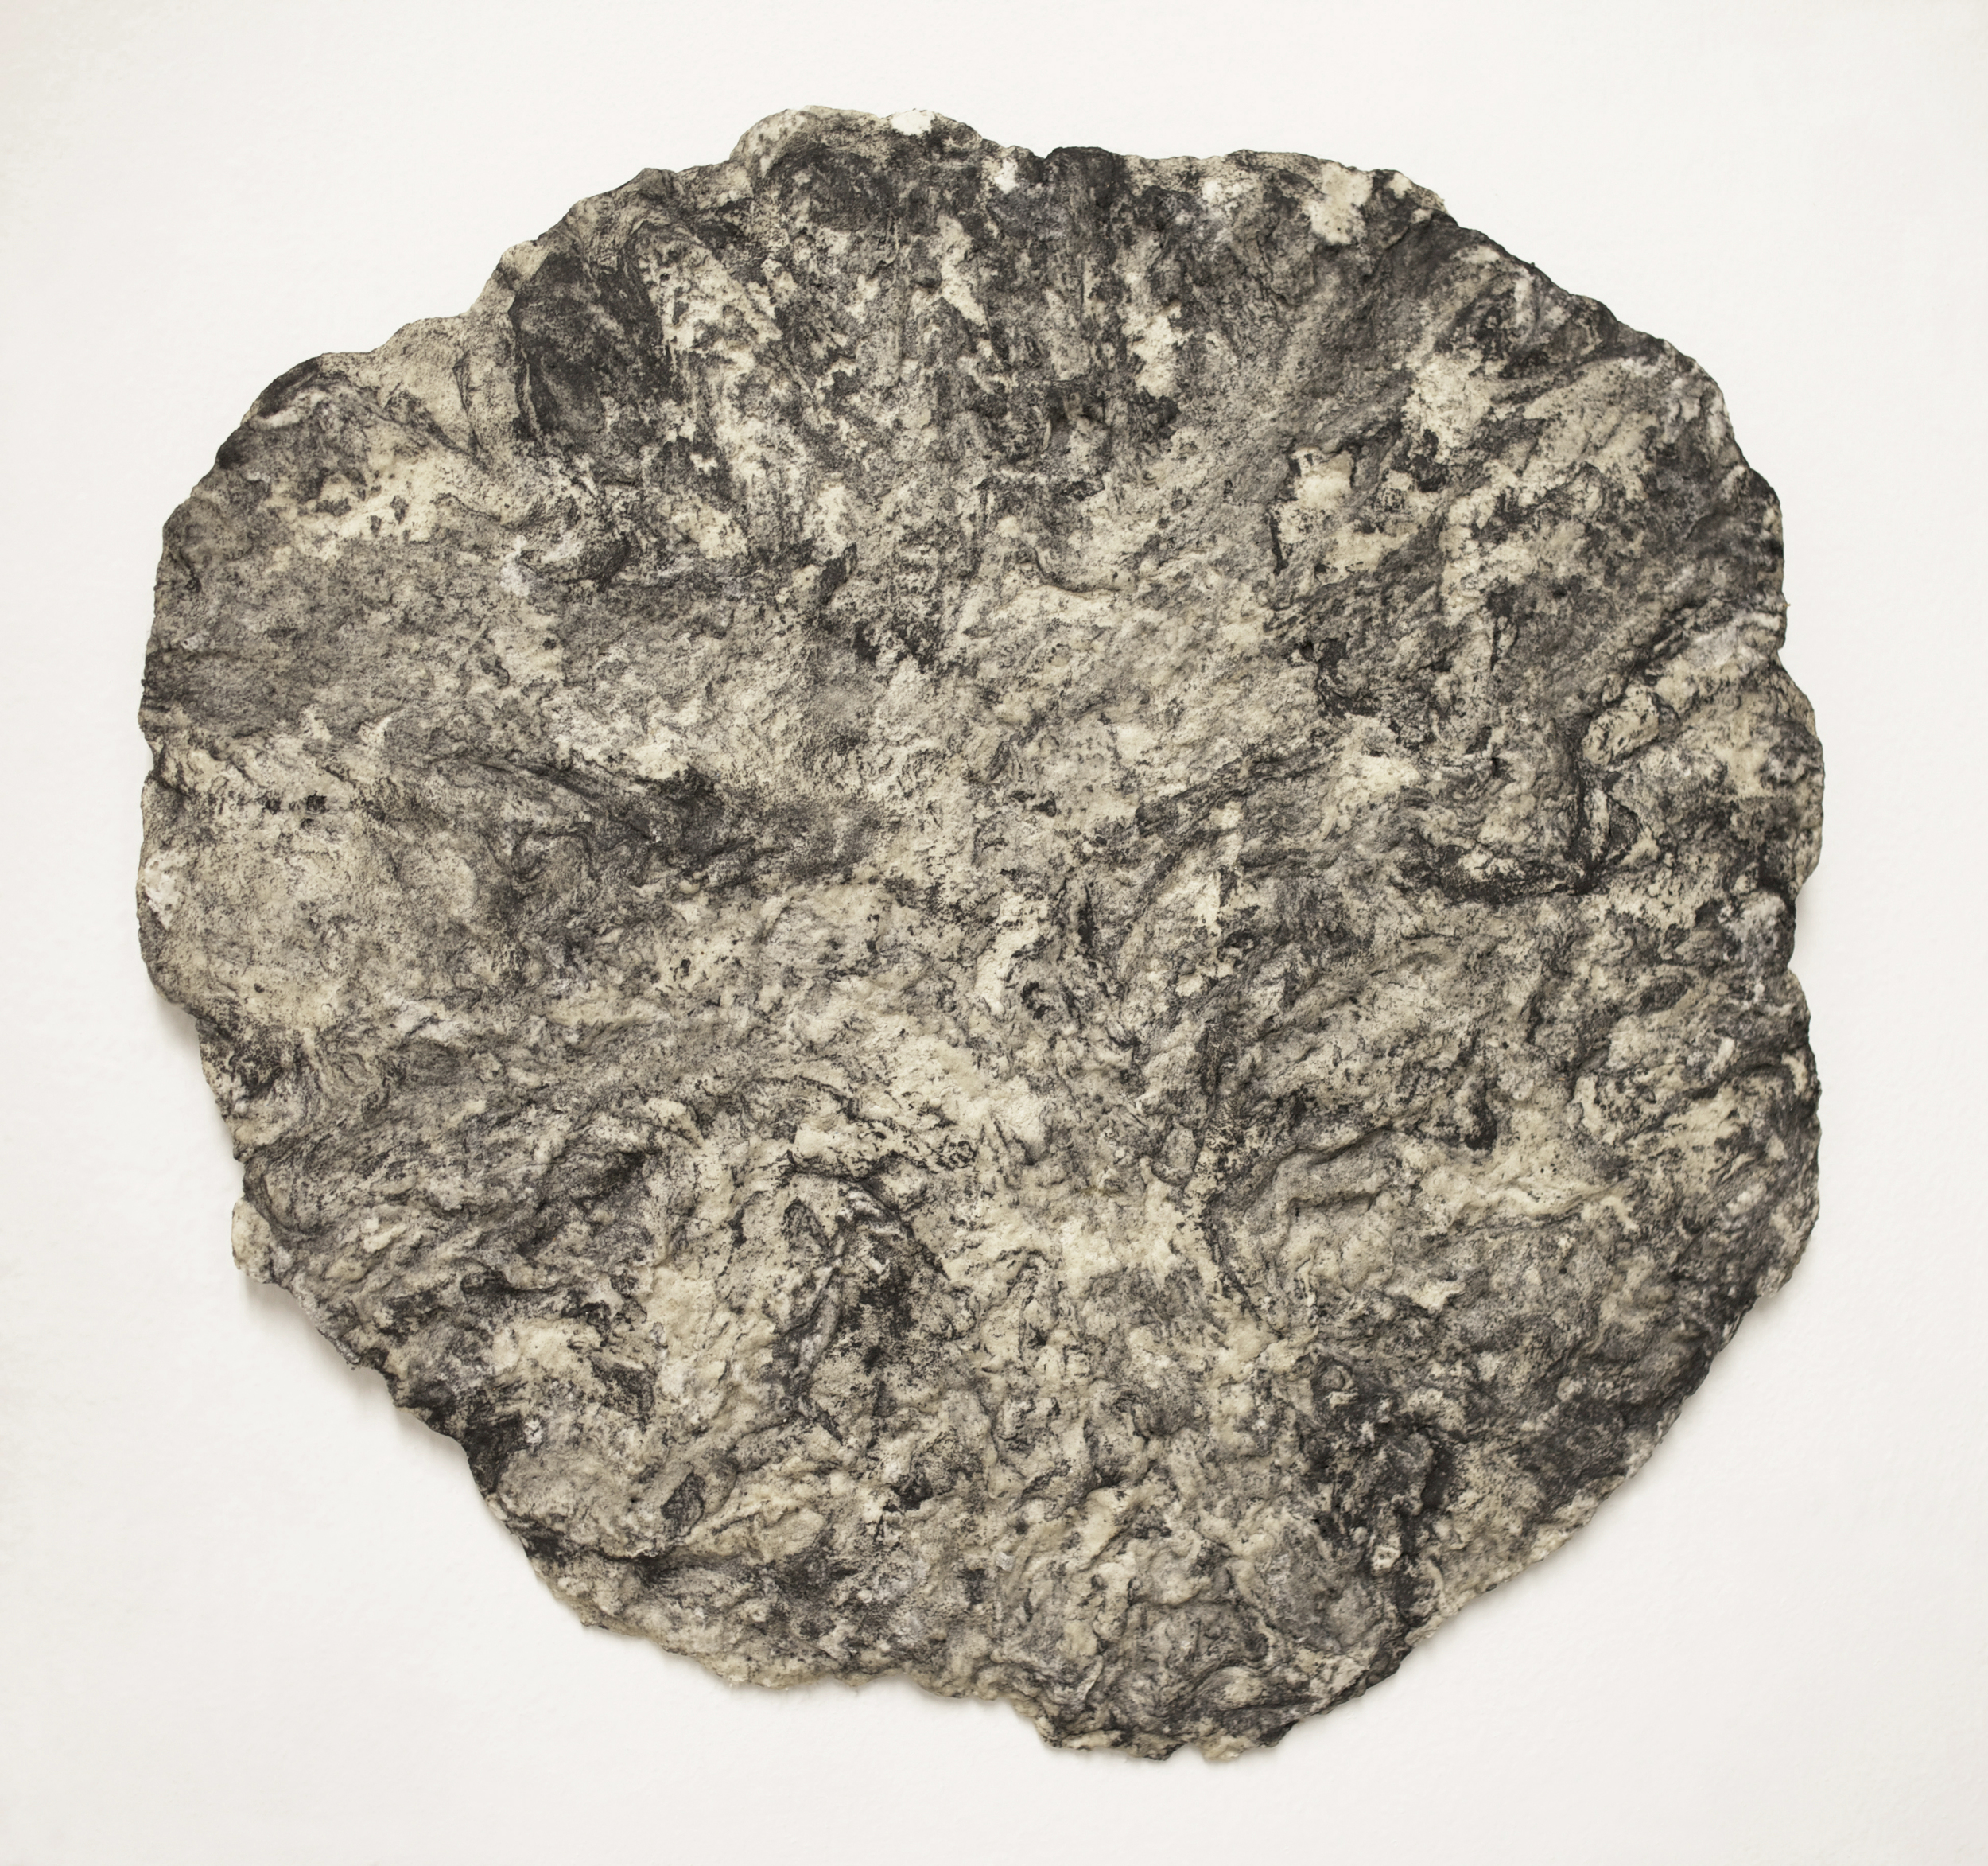 salt round1 2014 salt, flour, graphite 24 inches diameter